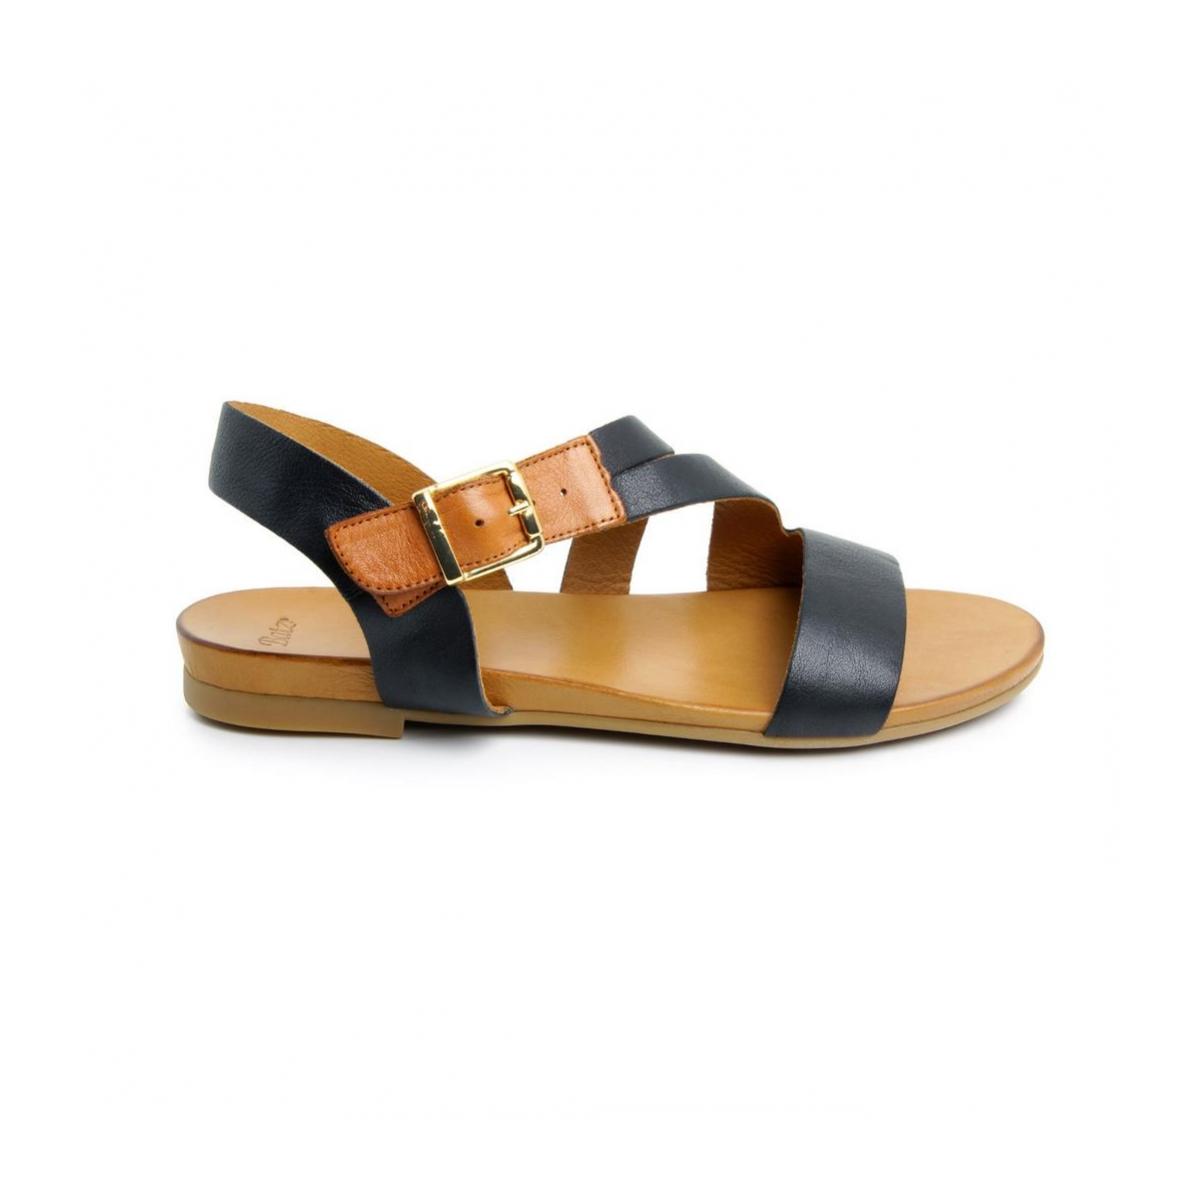 4b6ac4780494 Dámske kožené čierne sandále FRESH 52 - 3